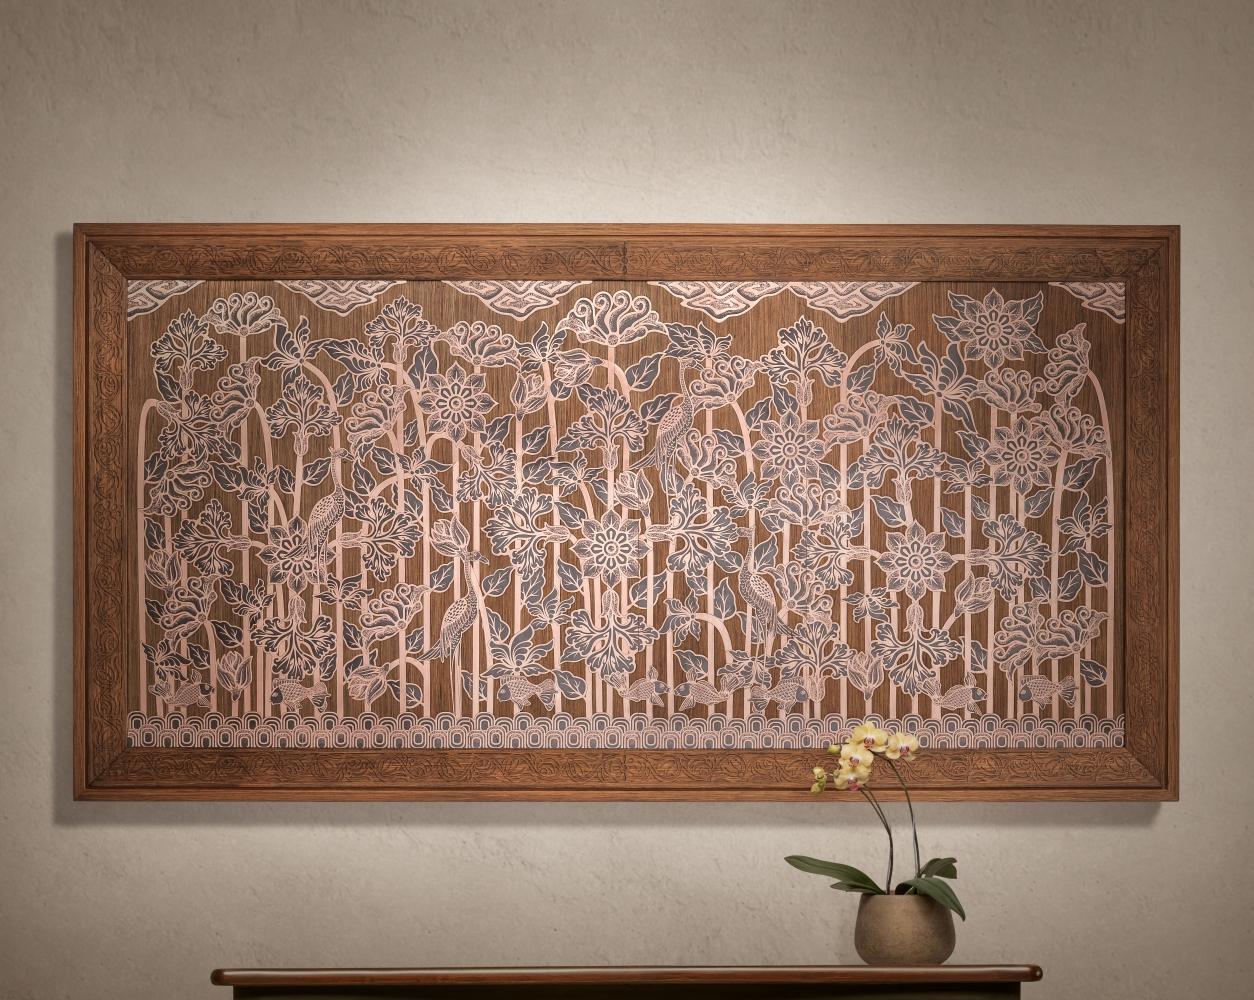 Home decoration products kriya nusantara for House decoration products